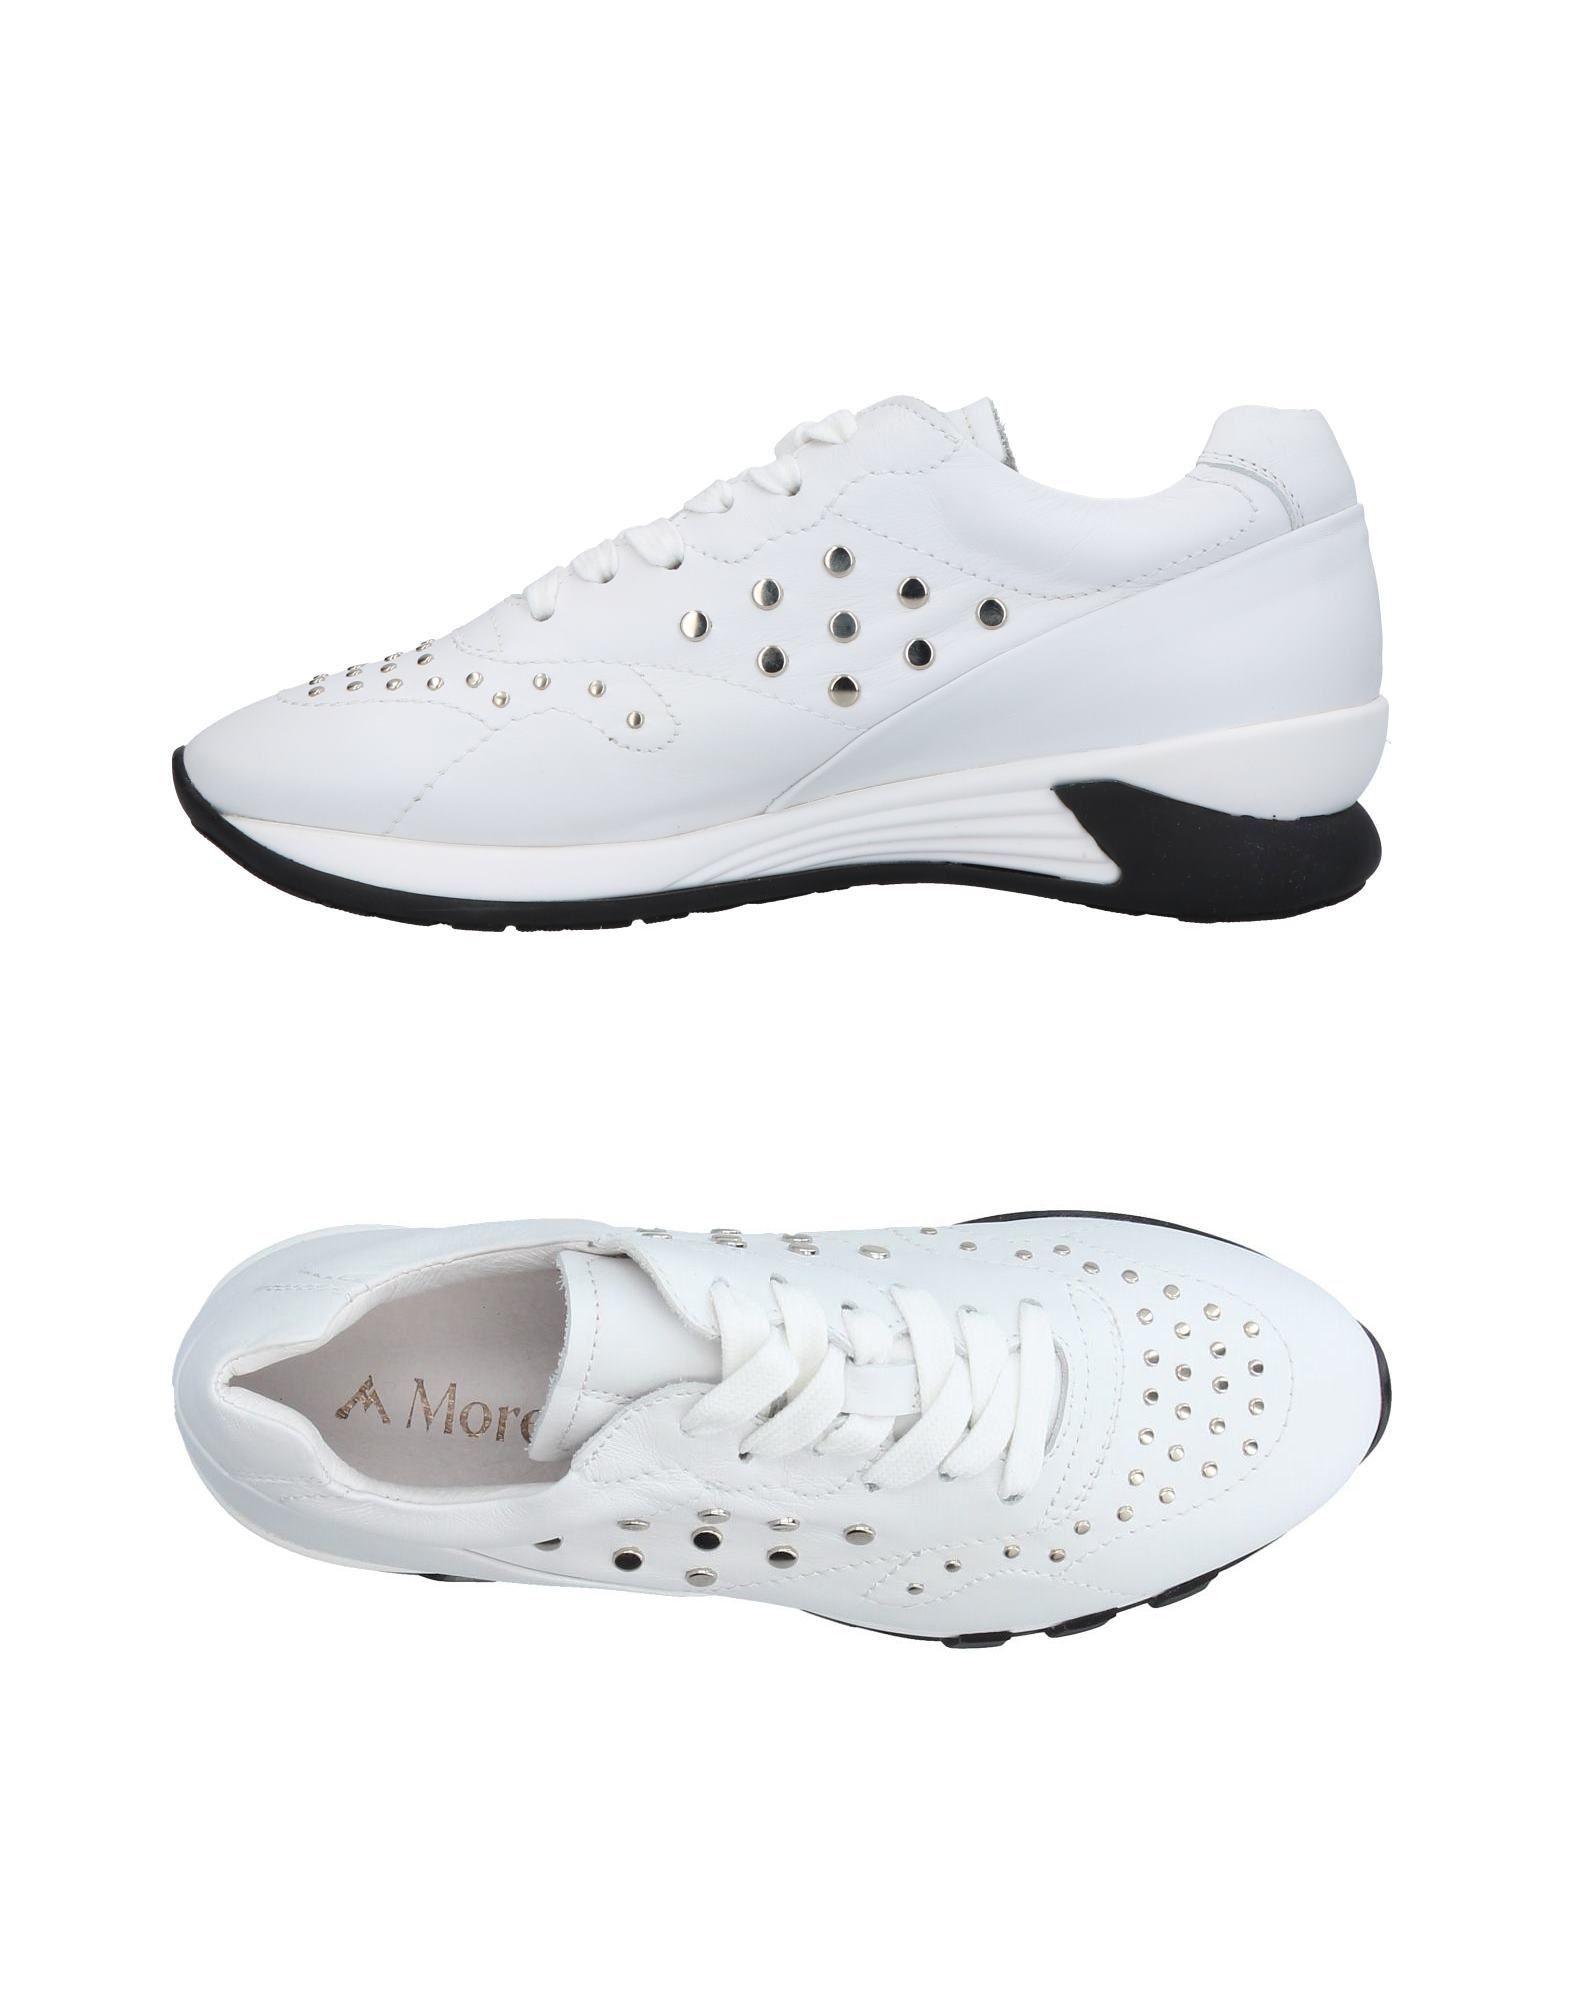 Sneakers Andrea Morelli Donna - 11387861TS